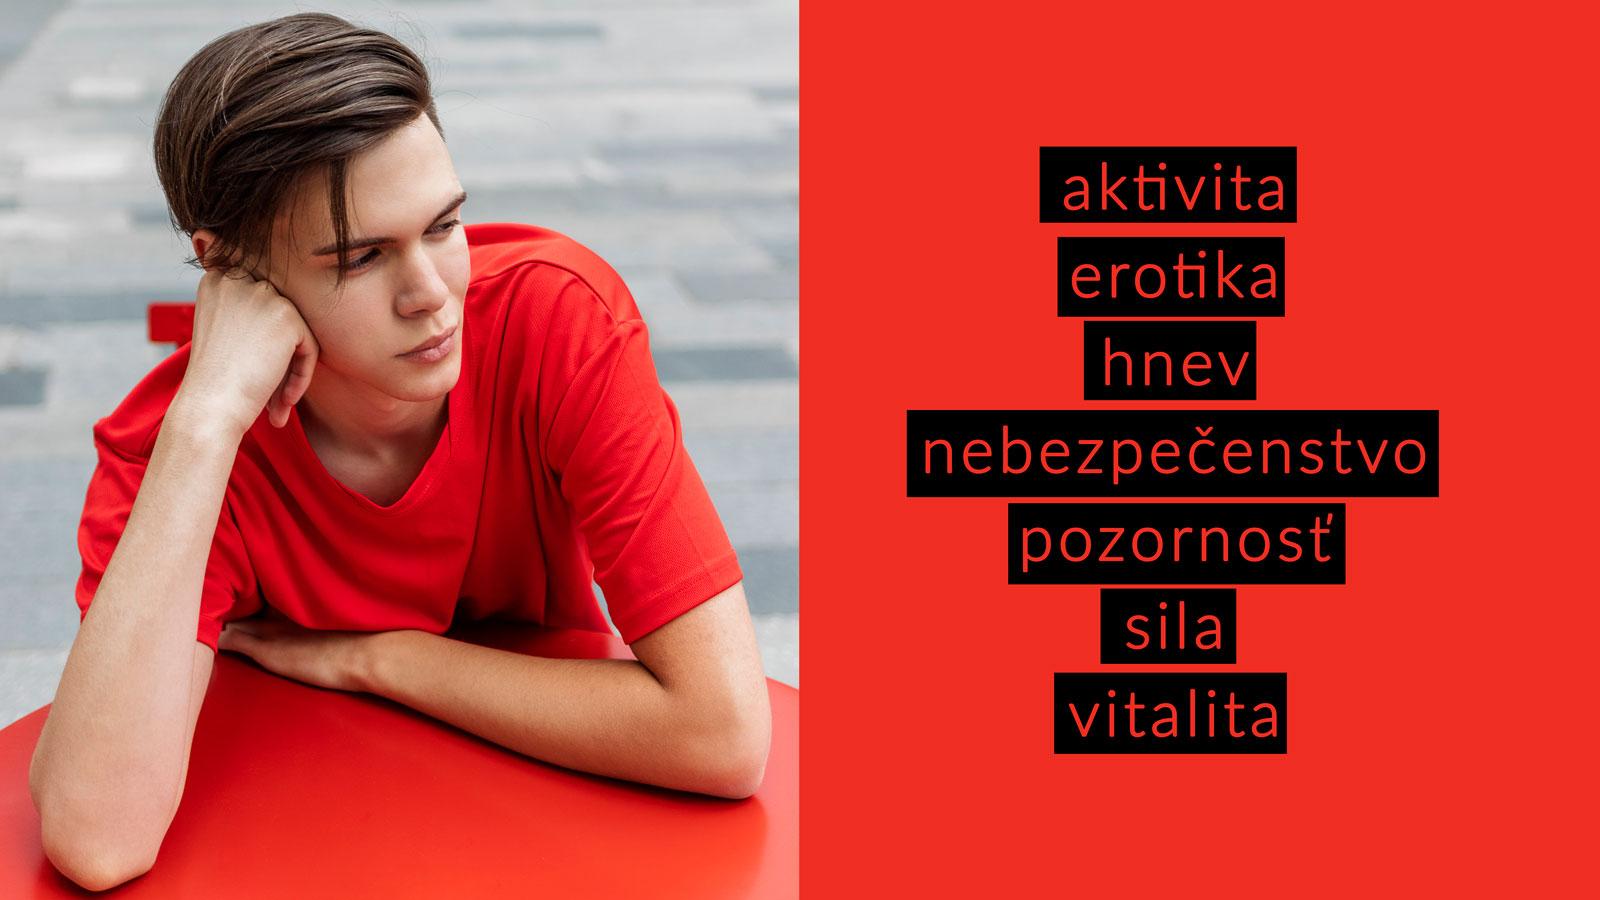 Peter Plichta psychológia farieb vo fotke červená